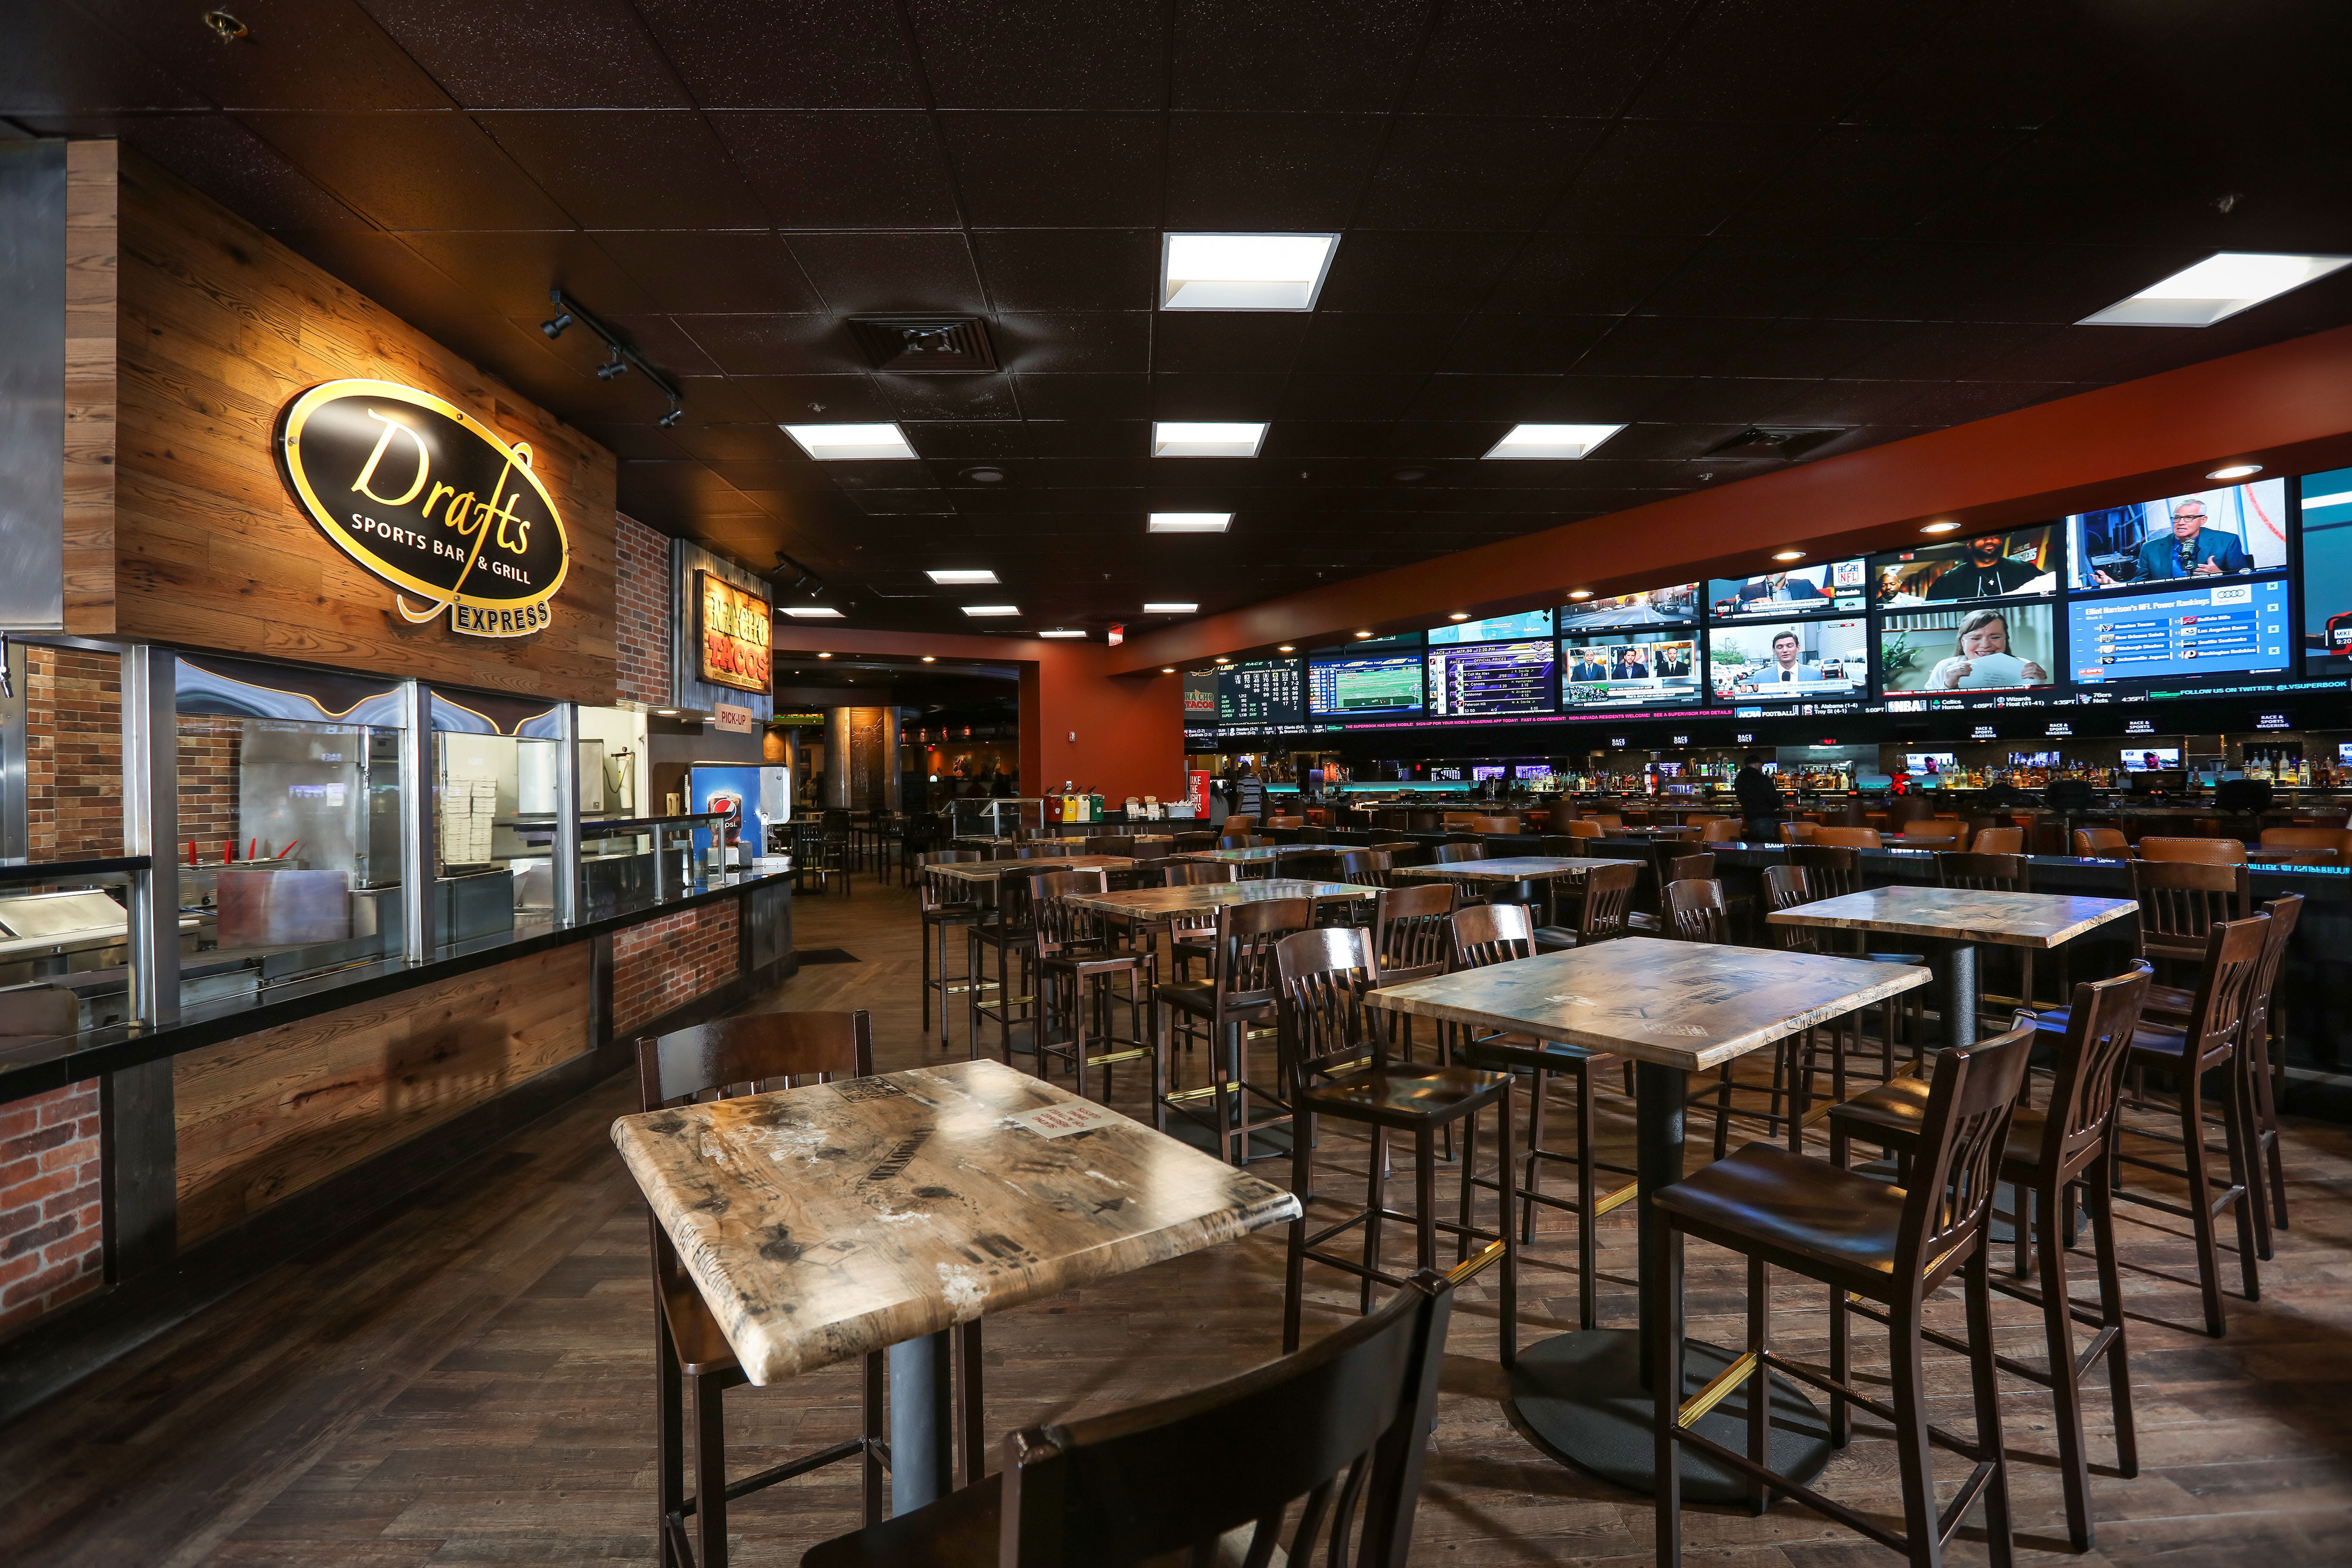 Drafts Sports Bar & Grill Express | Westgate Las Vegas Resort & Casino | Westgate Resorts